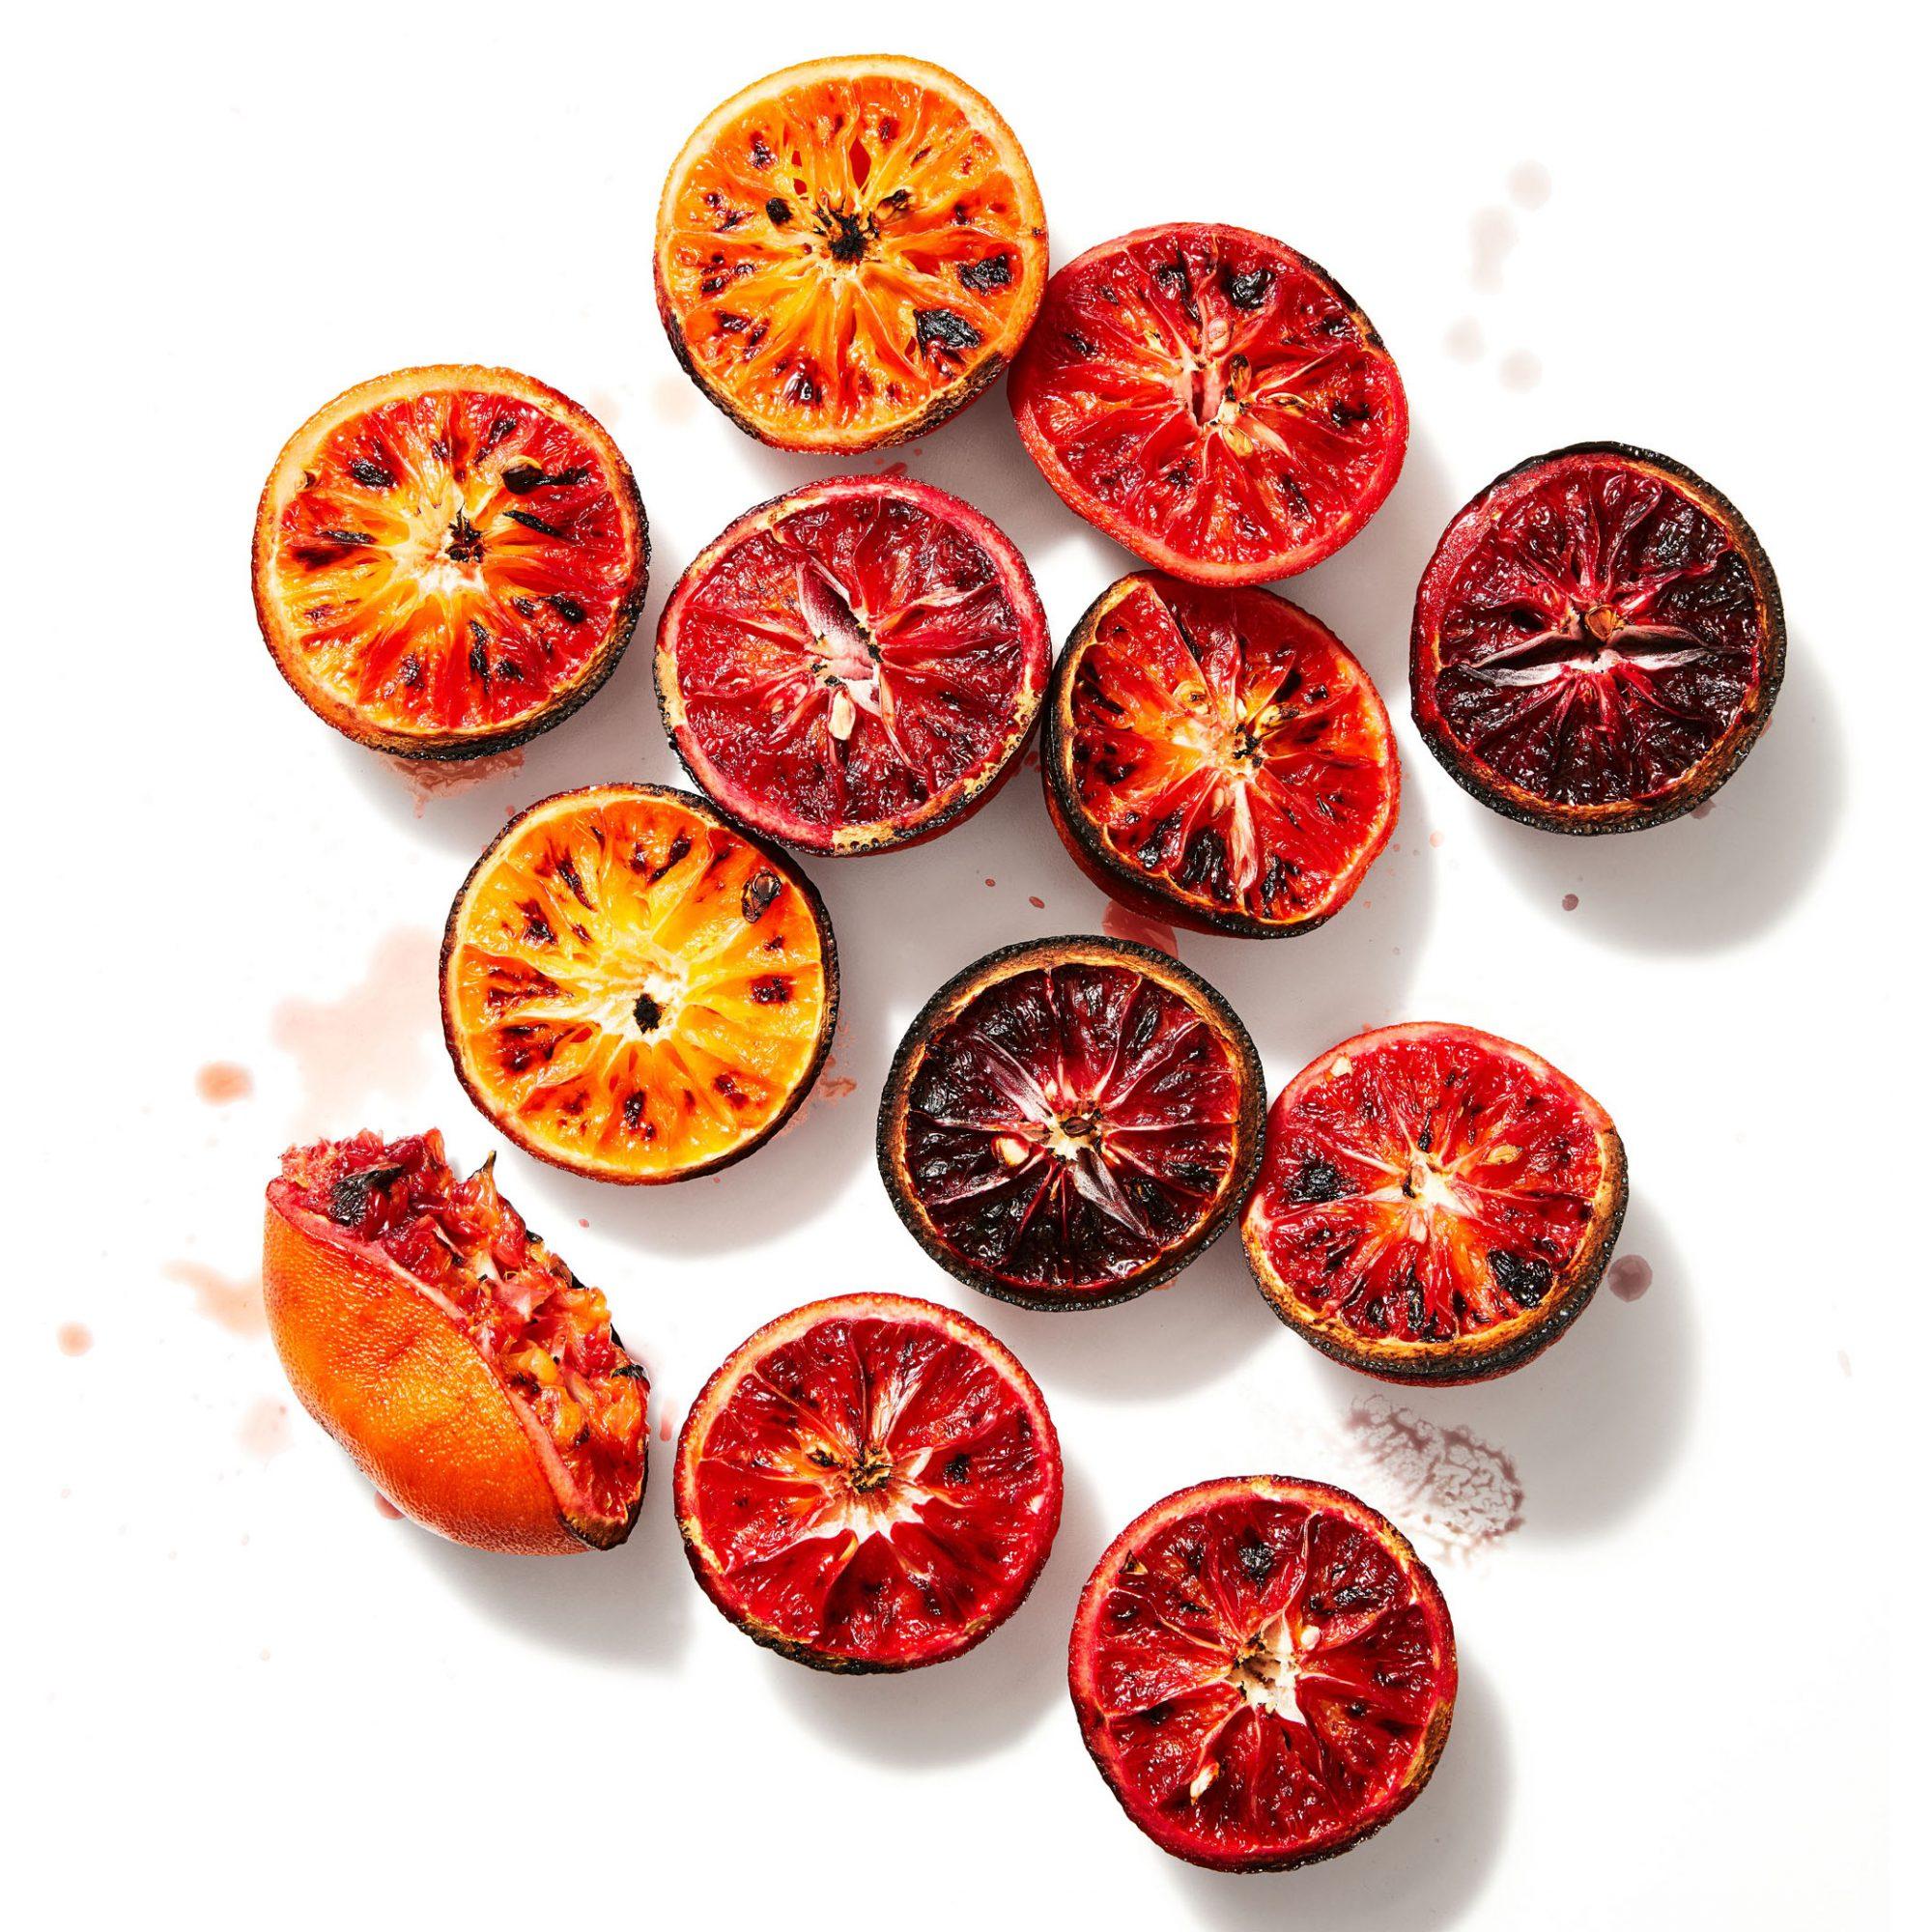 sliced grilled blood oranges